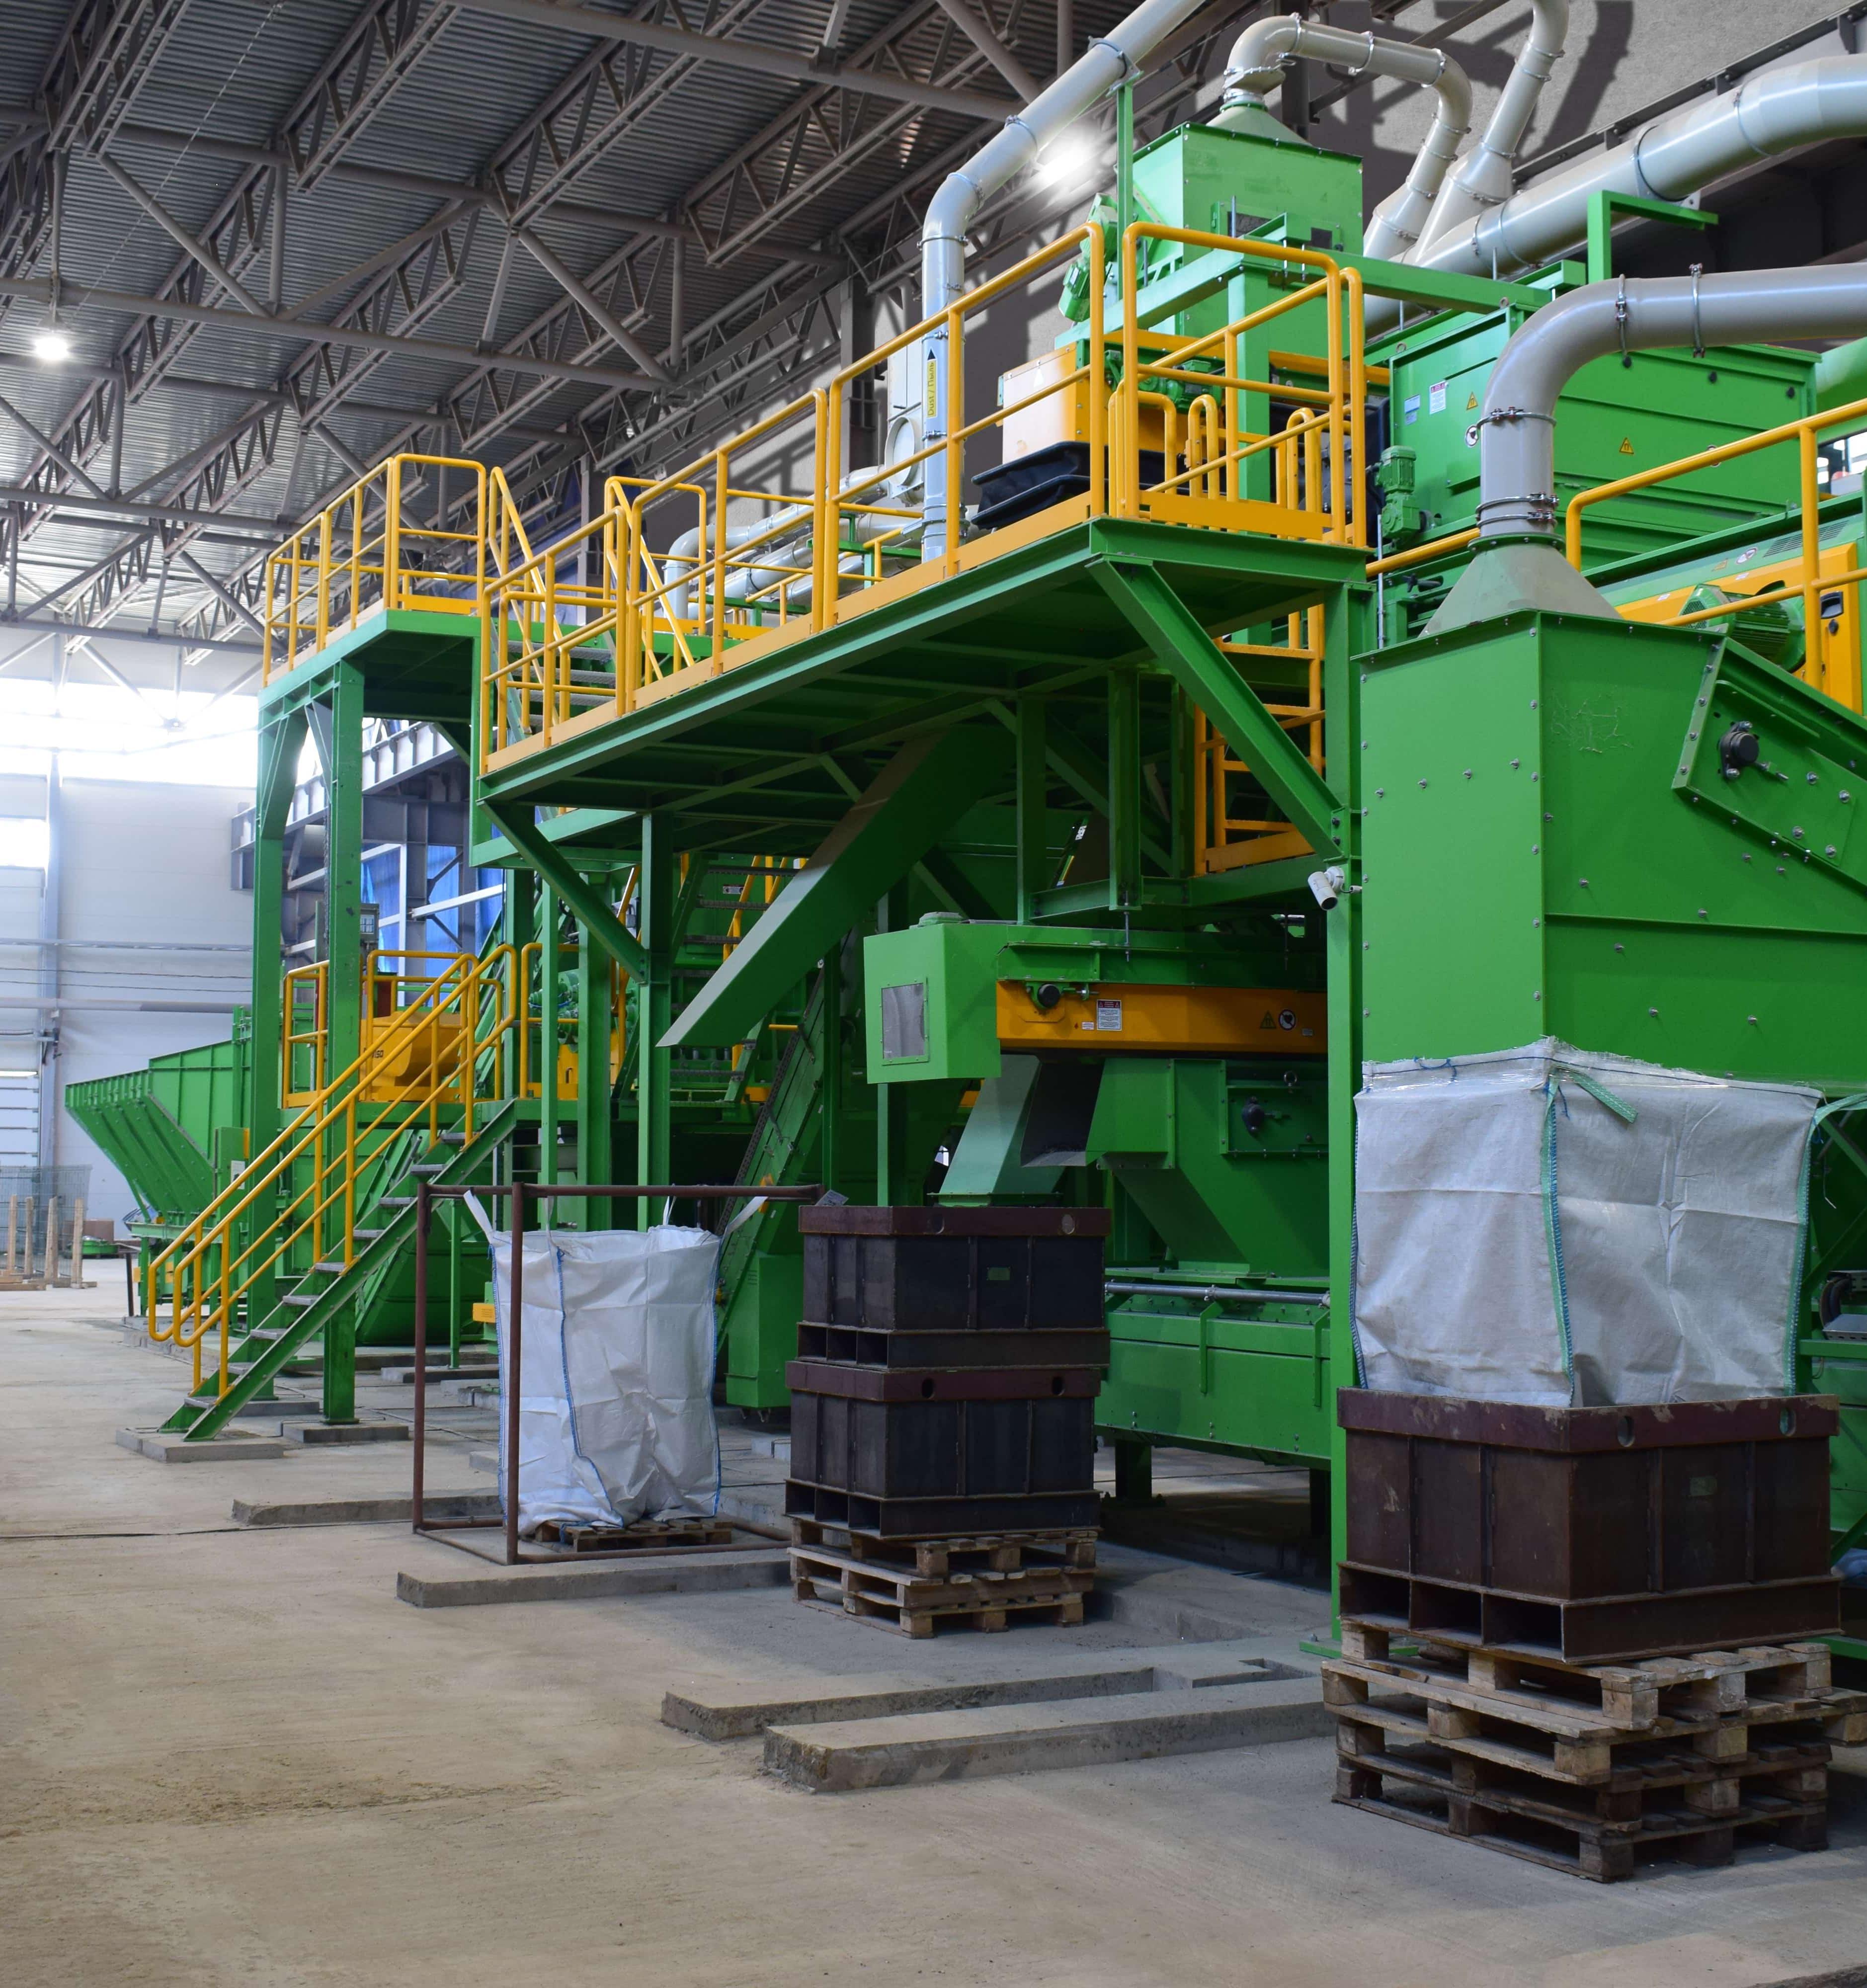 Открывается единственный в России комплекс заводов по переработке электронных отходов